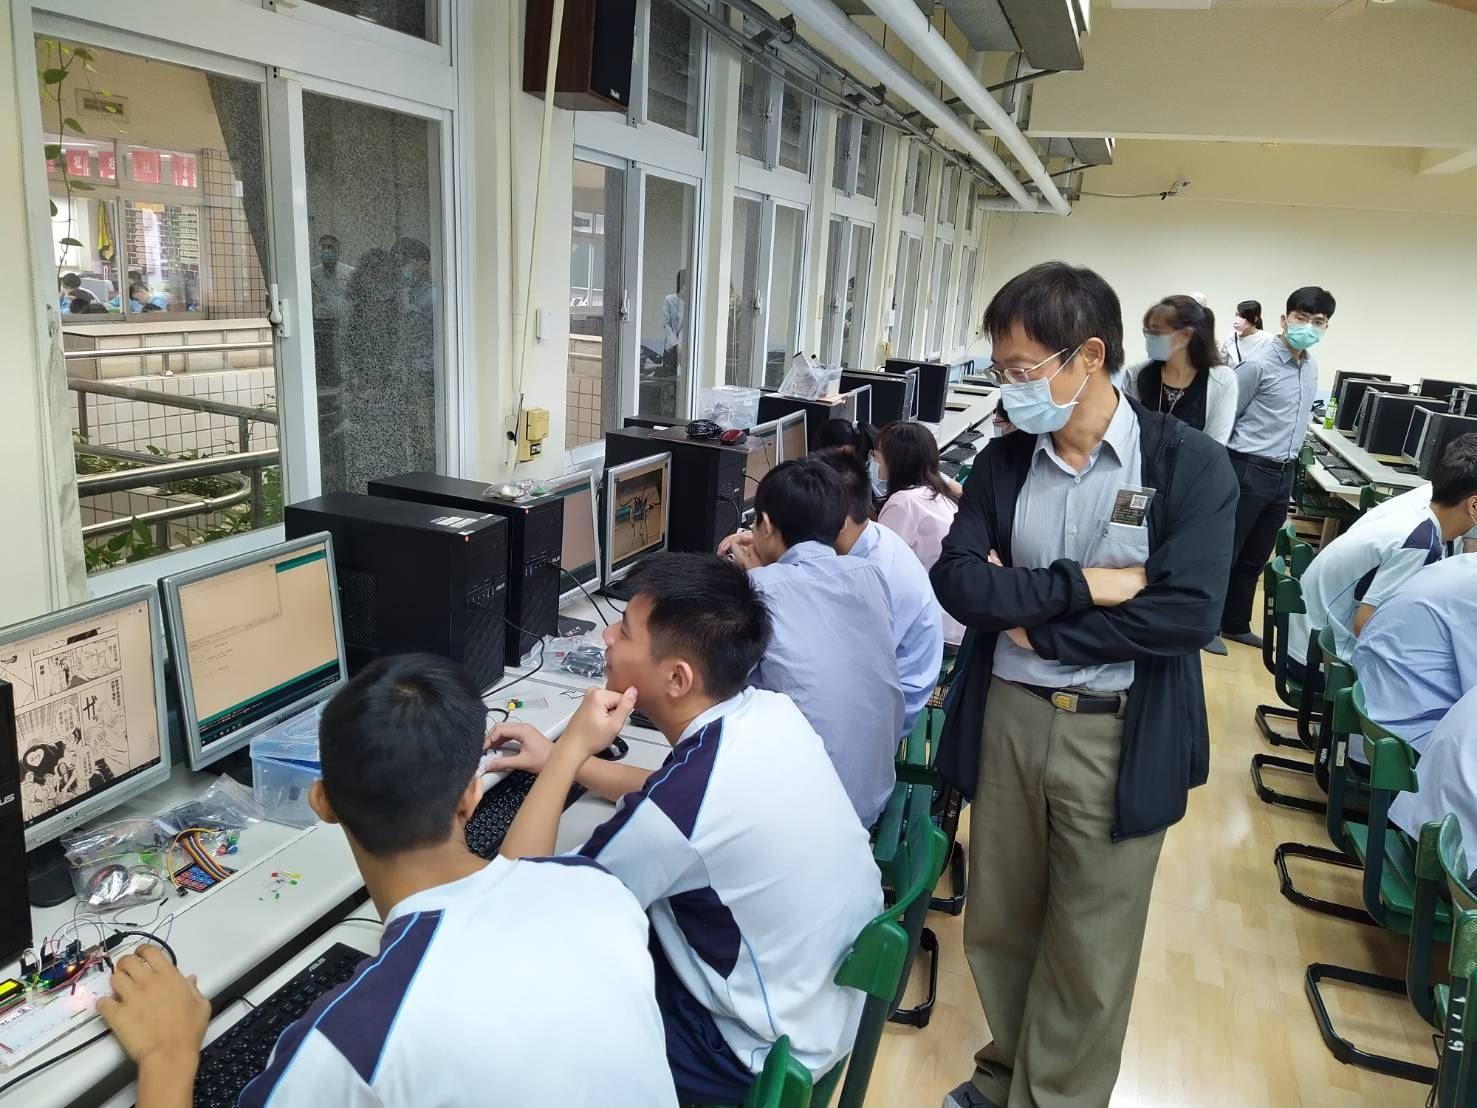 南山高中觀議課活動名稱為:物聯網概論 / 按鈕開關控制LED燈